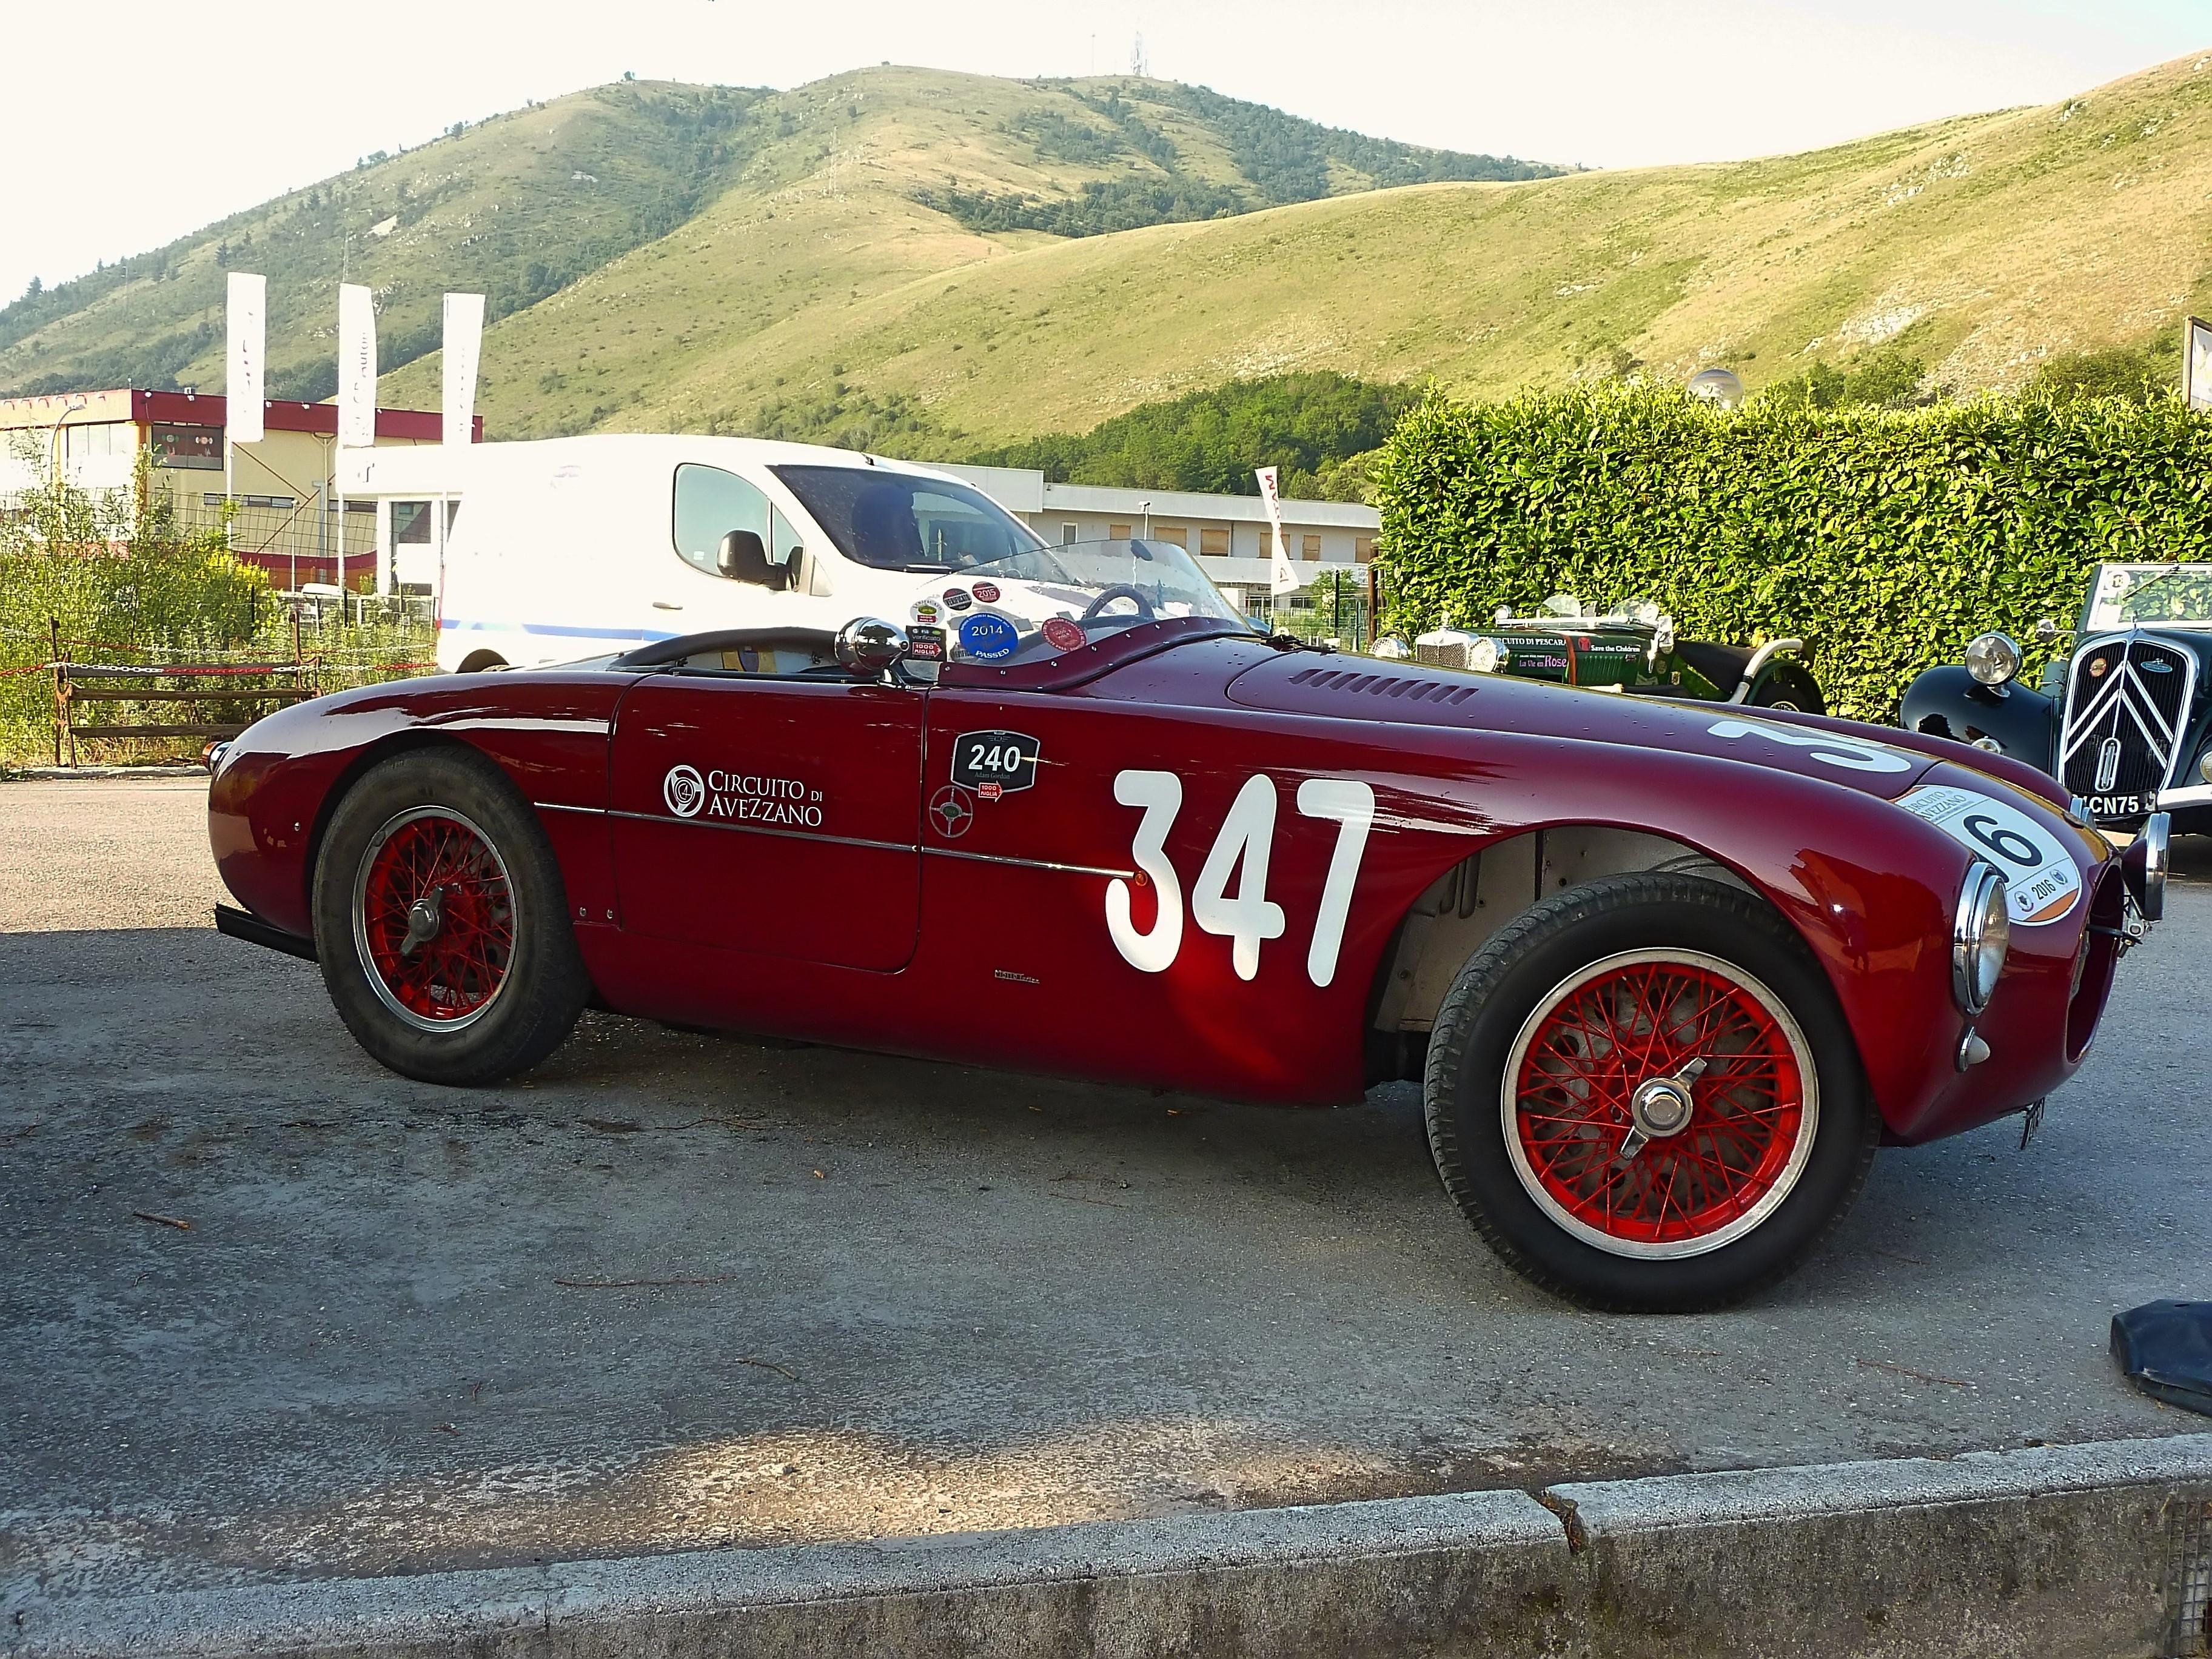 4th Circuito Di Avezzano (56)